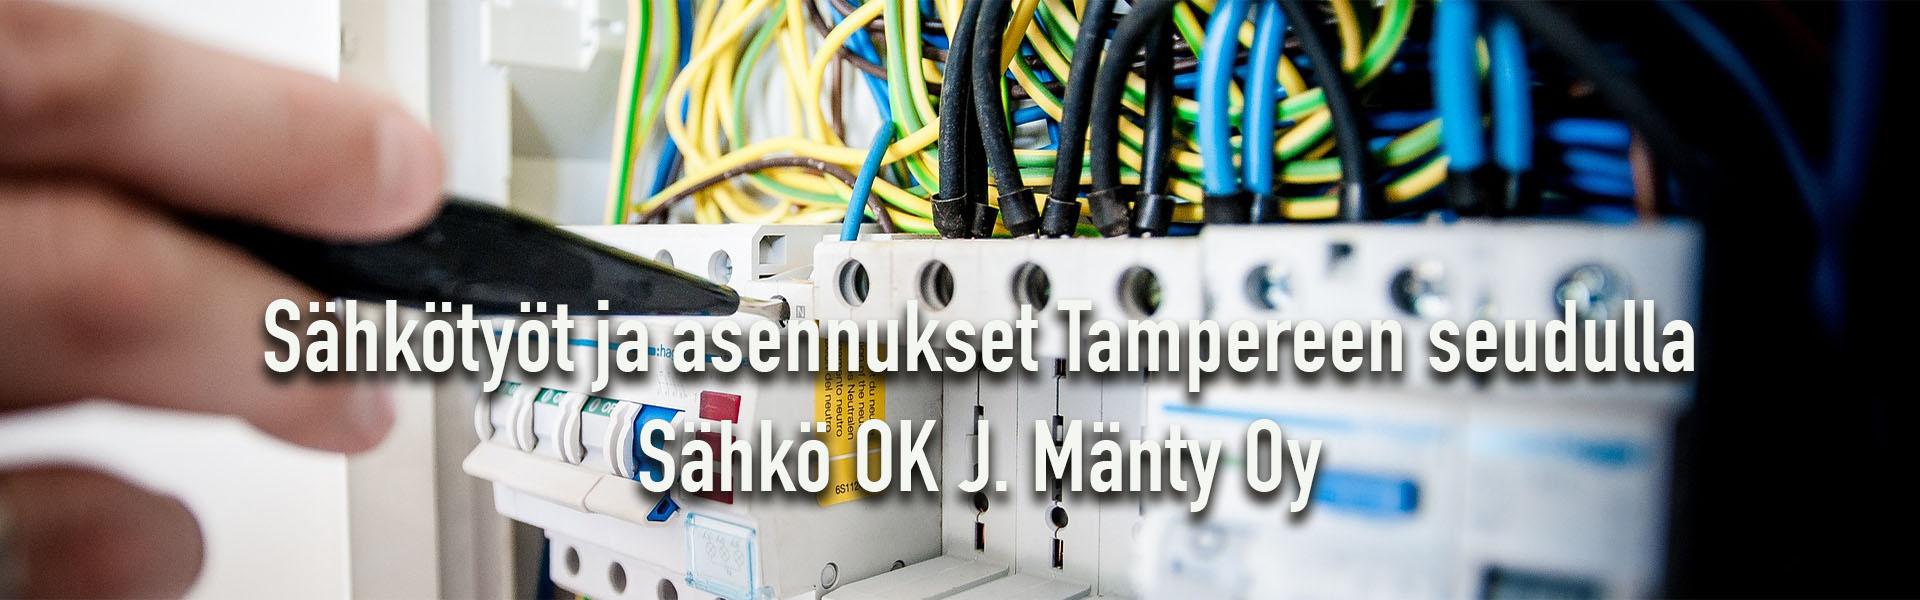 Sähkötyöt ja sähköasennukset Tampereen seudulla